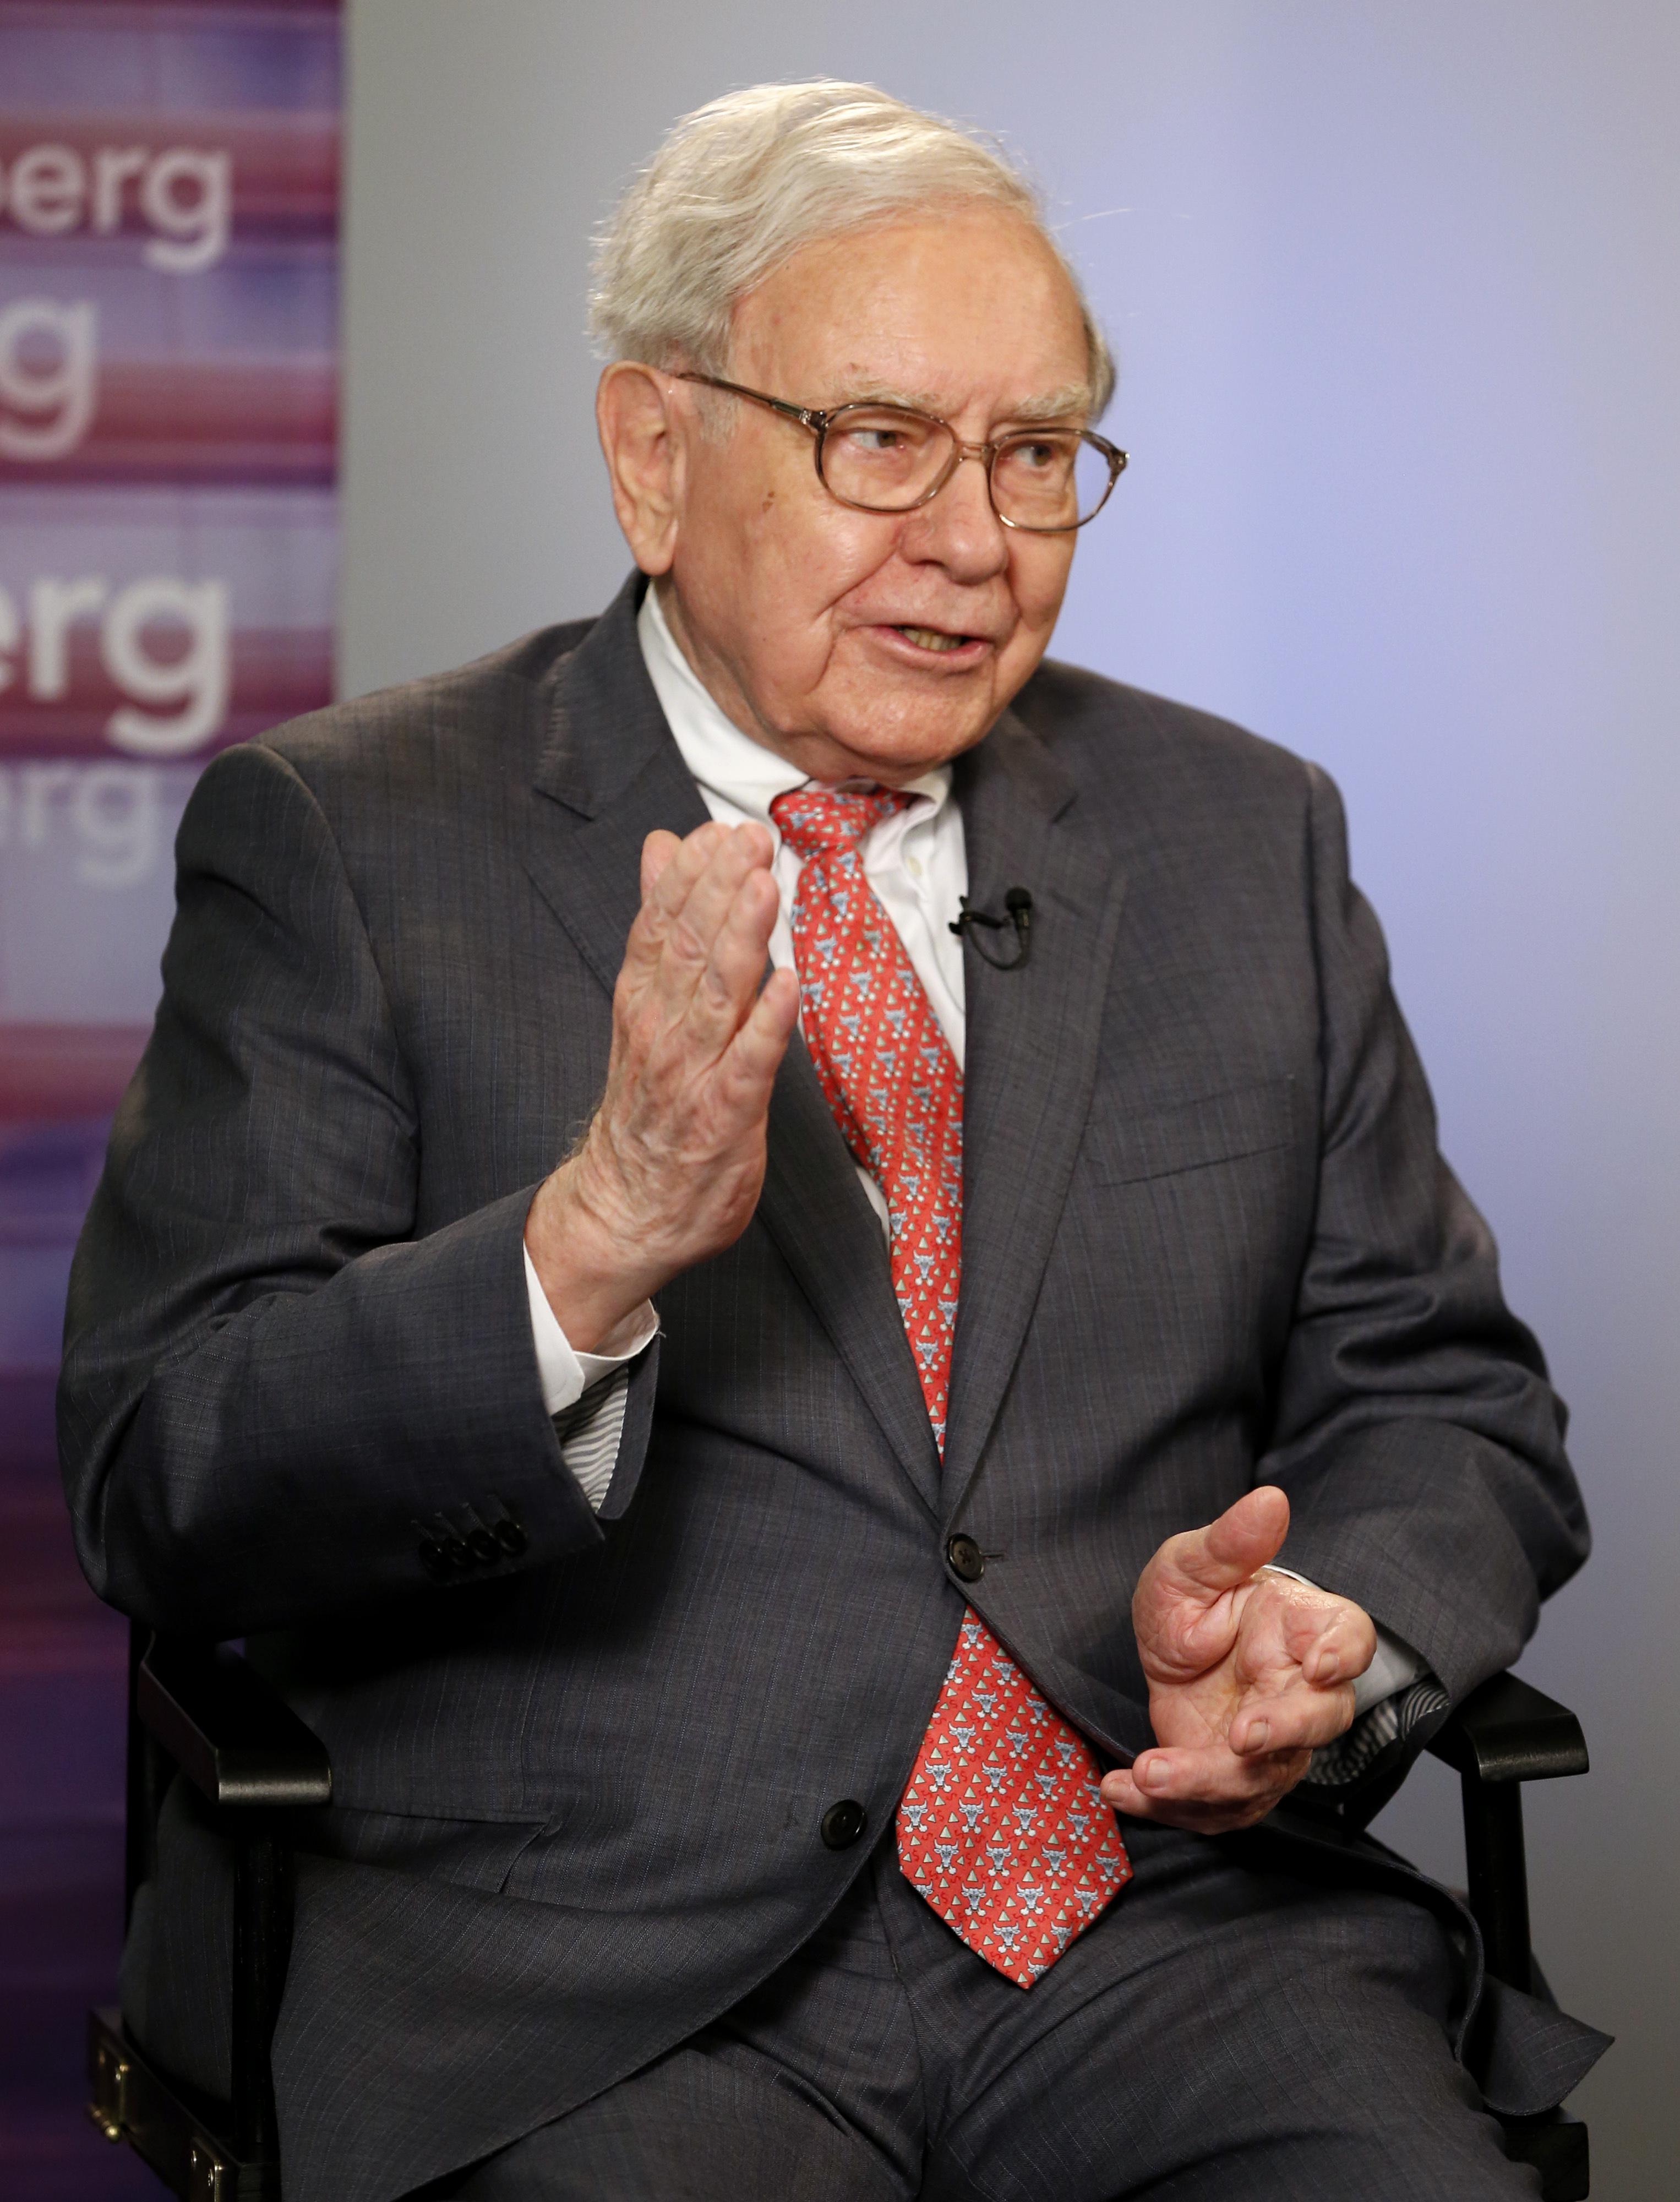 Warren Buffett at a Goldman Sachs 10,000 Small Businesses event in Detroit on Sept. 18, 2014.